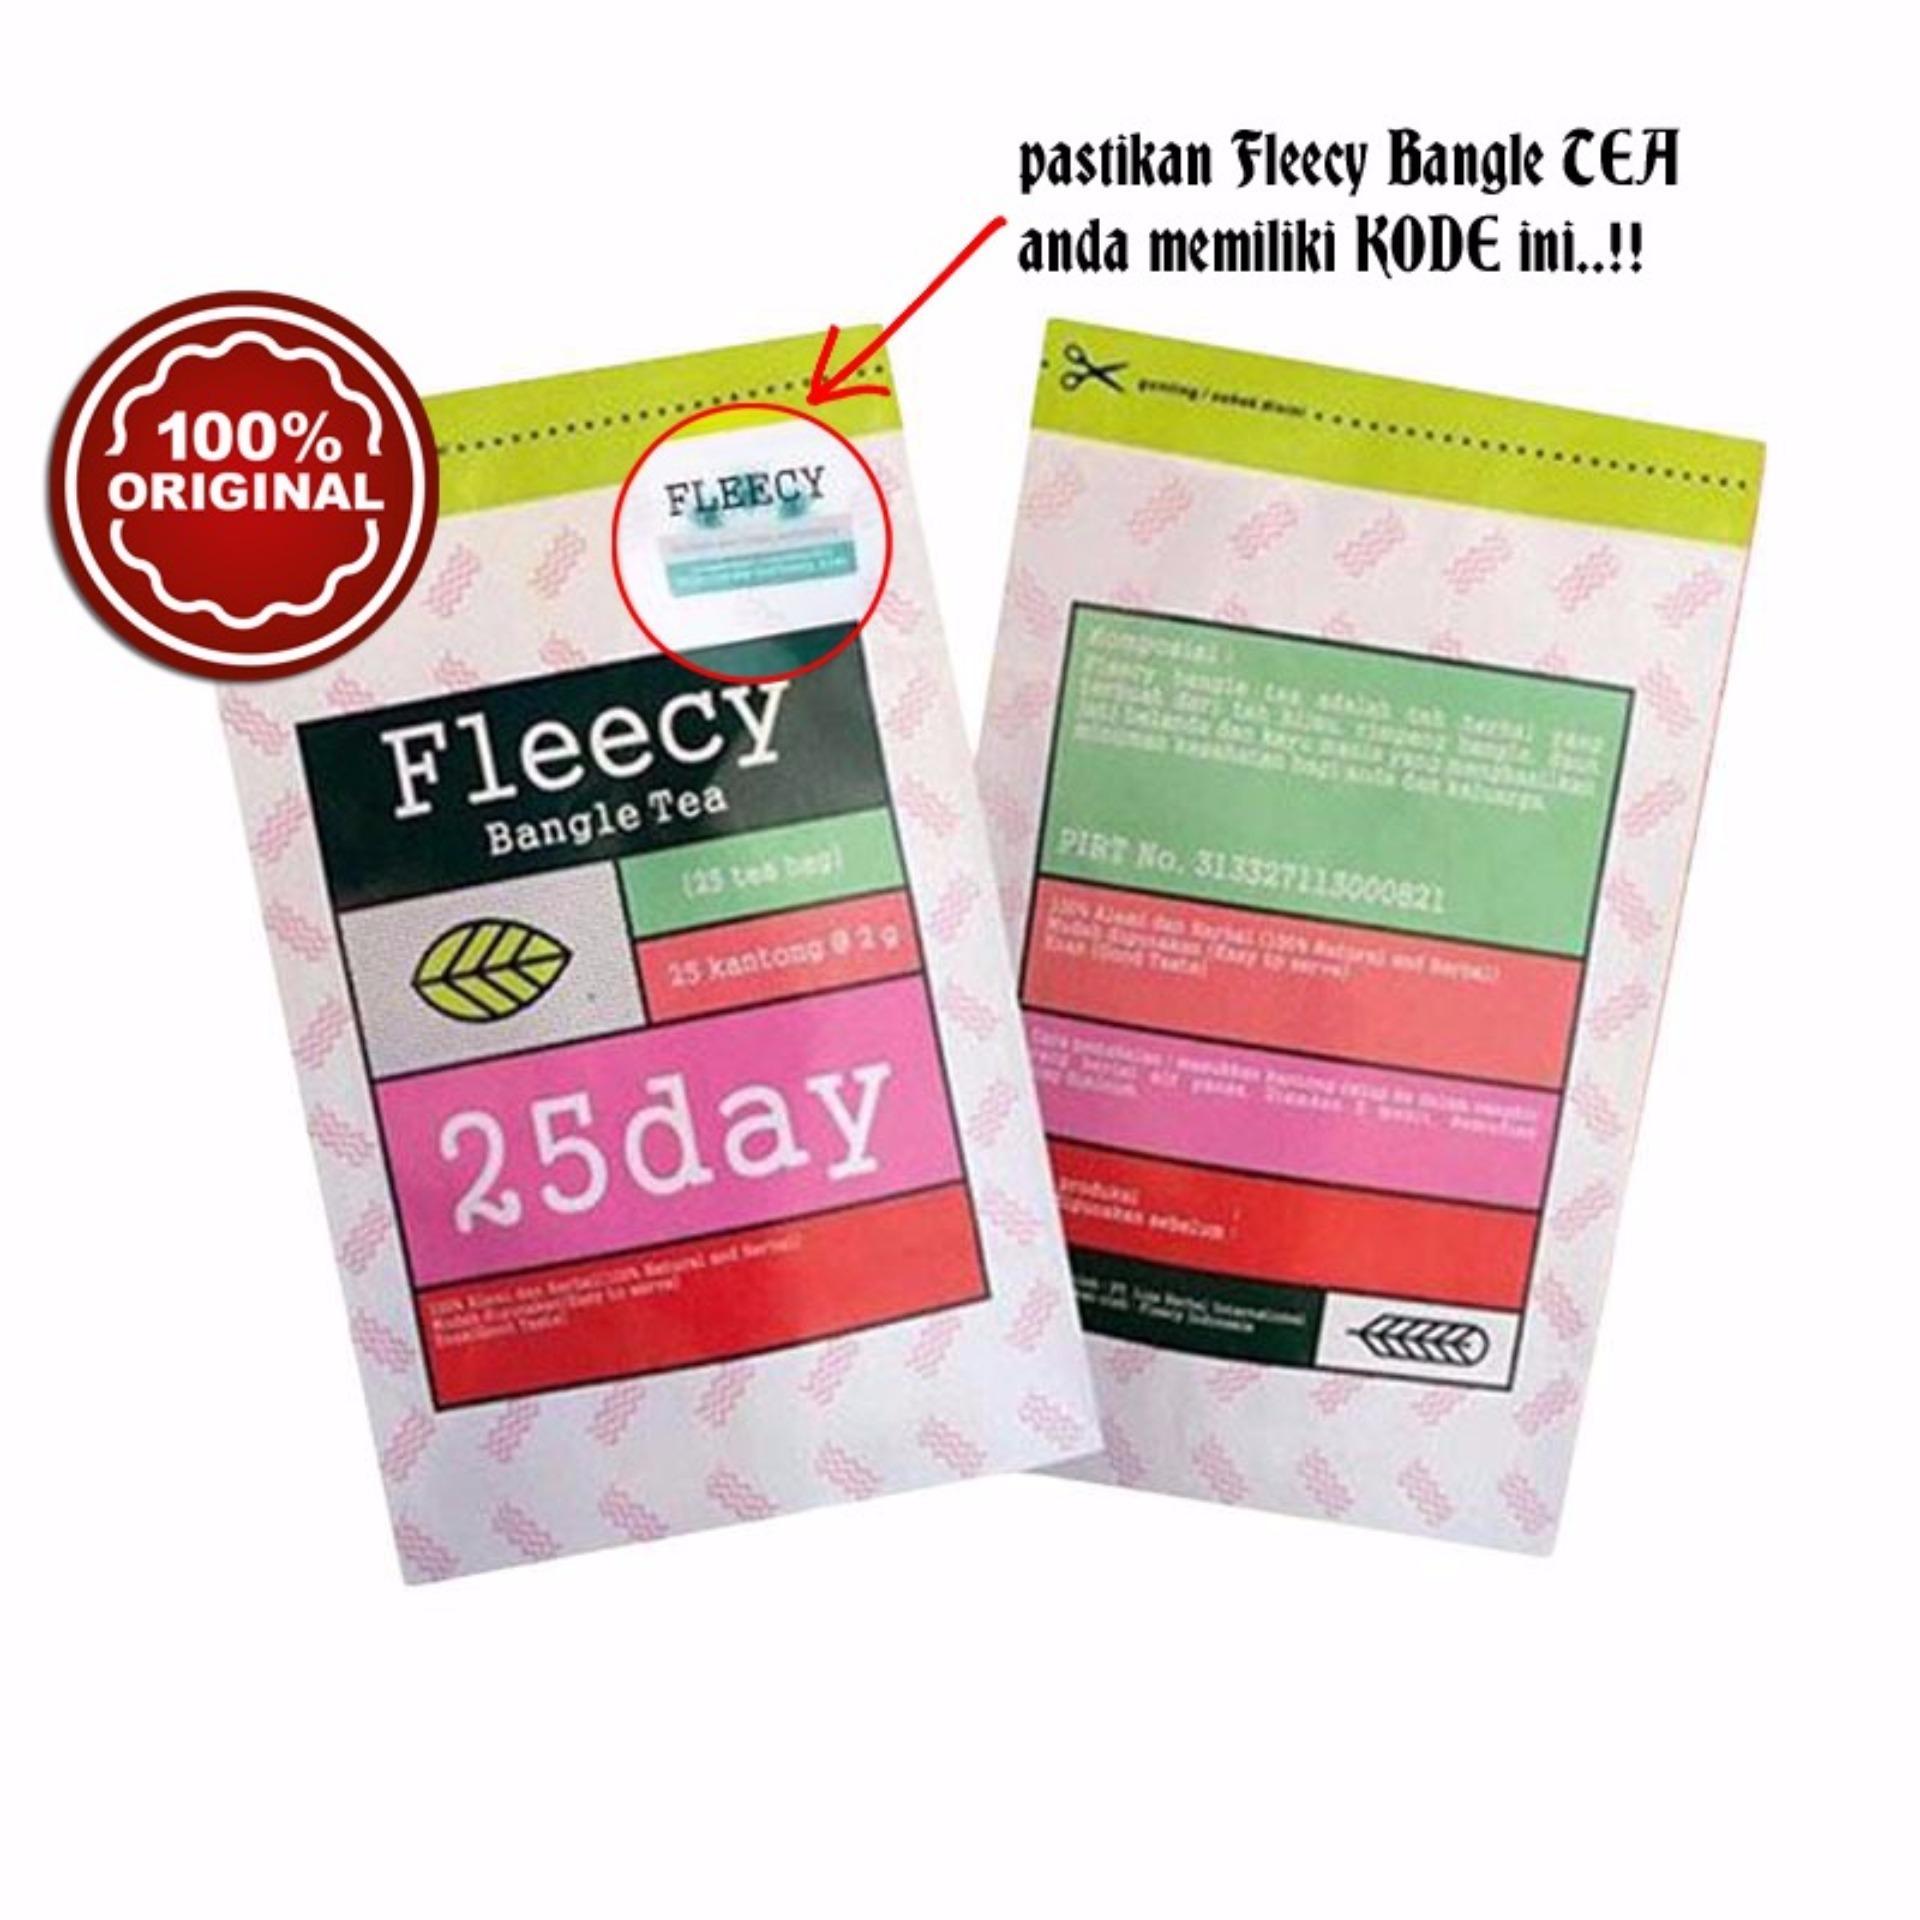 Pencari Harga Fleecy Bangle Slimming Tea Original With Sticker Anti Teh Pelangsing Slim Sariayu Isi 30 Bags Fake 25 Sachet